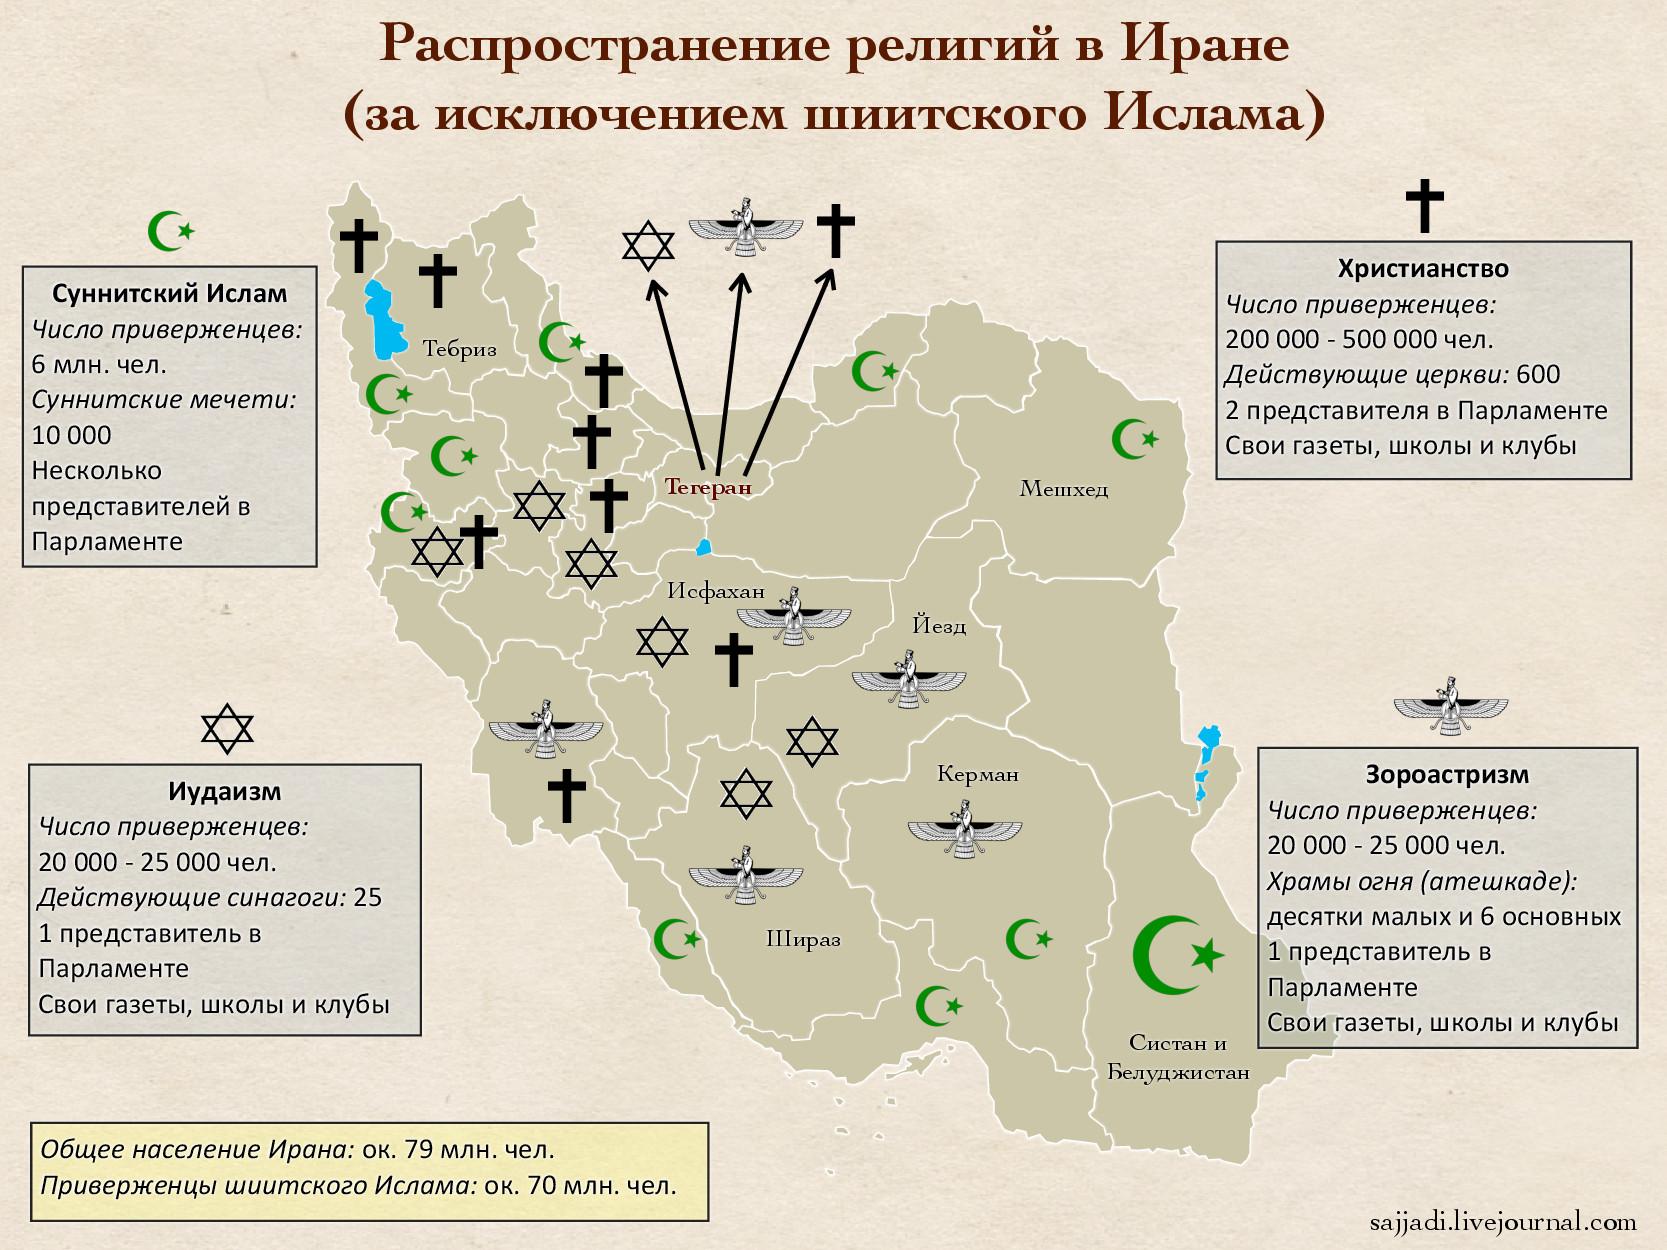 Иран, Персия, карта Ирана, религии в Иране, религия, религиозные меньшинства, иранцы, персы, иудеи, иудаизм, синагога, рабби, иудаизм в Иране, евреи, иранские евреи, иранские иудеи, иранские синагоги, христианство, христиане, иранские христиане, церковь, храм, иранская церковь, христианство в Иране, зороастризм, зороастрийцы, заратуштрийцы, Зороастр, Заратустра, иранские зороастрийцы, зороастризм в Иране, иранские заратуштрийцы, Благая Вера, Благая Вера в Иране, храмы огня, иранские храмы огня, атешкаде